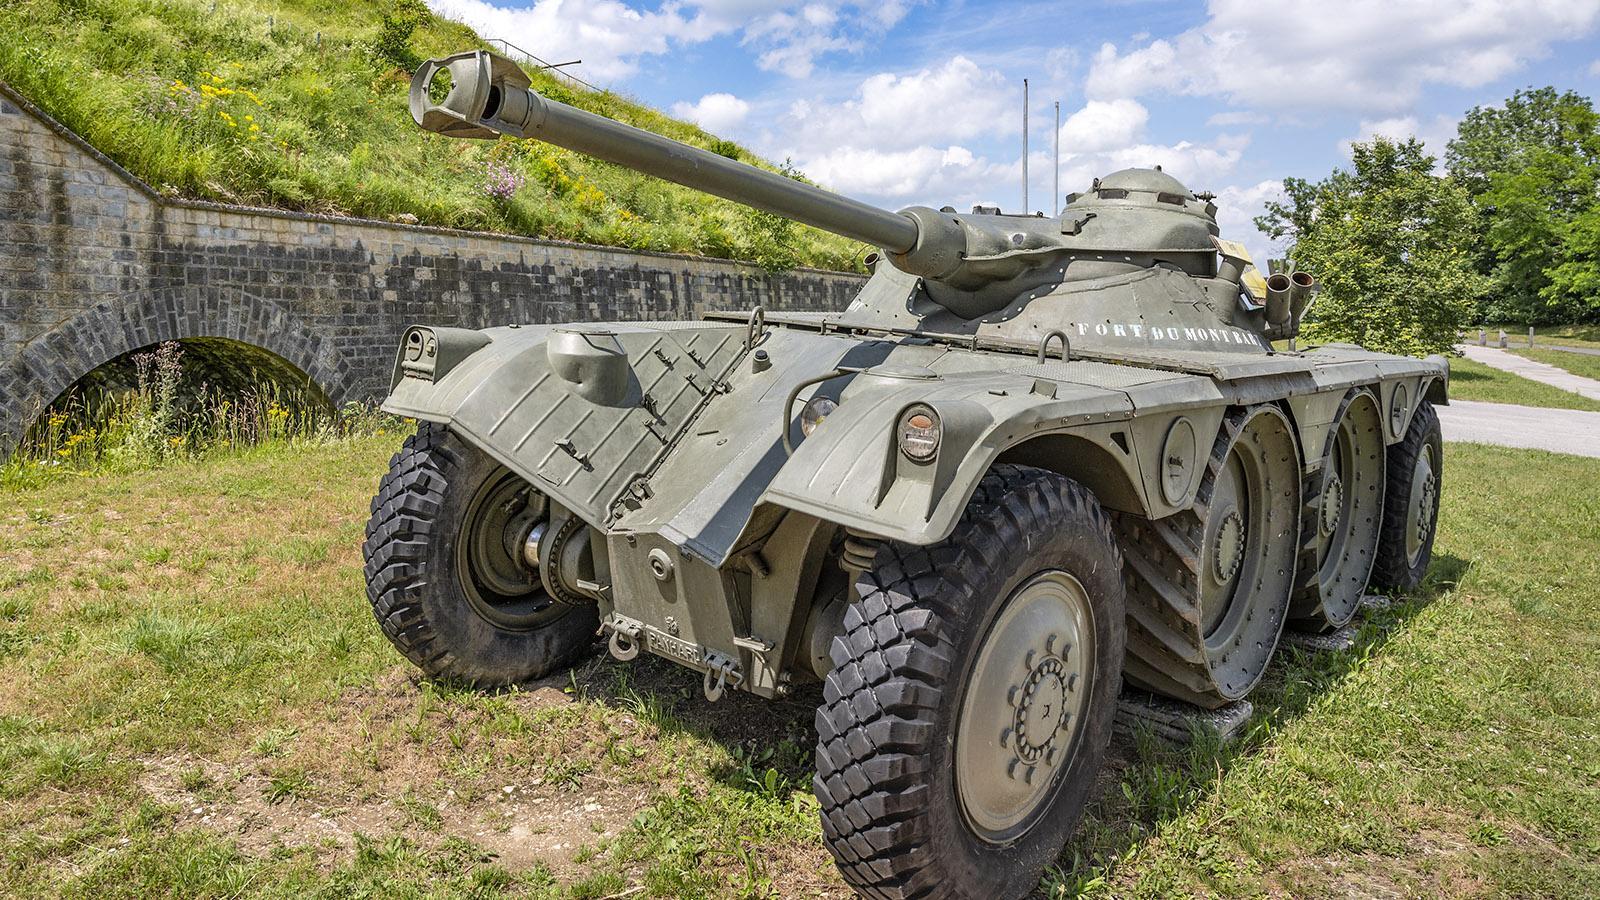 Auf dem Mont-Bart erinnert ein Panzer an die einstige militärische Funktion der Festung. Foto: Hilke Maunder